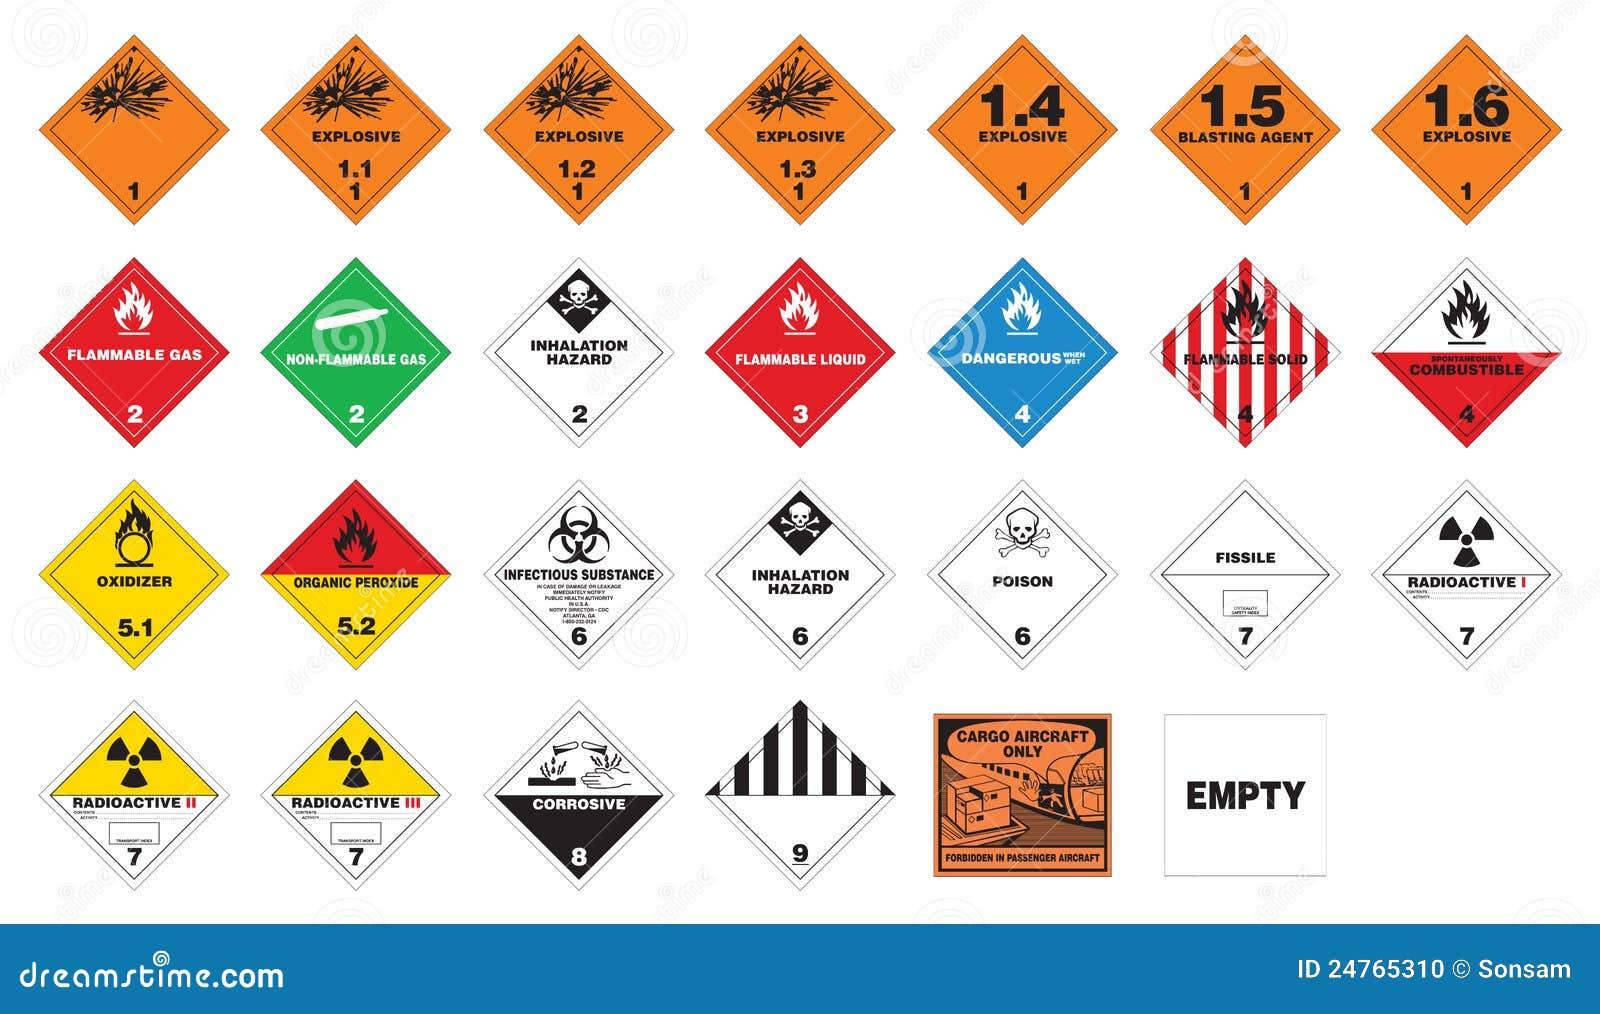 identificacion material peligroso: